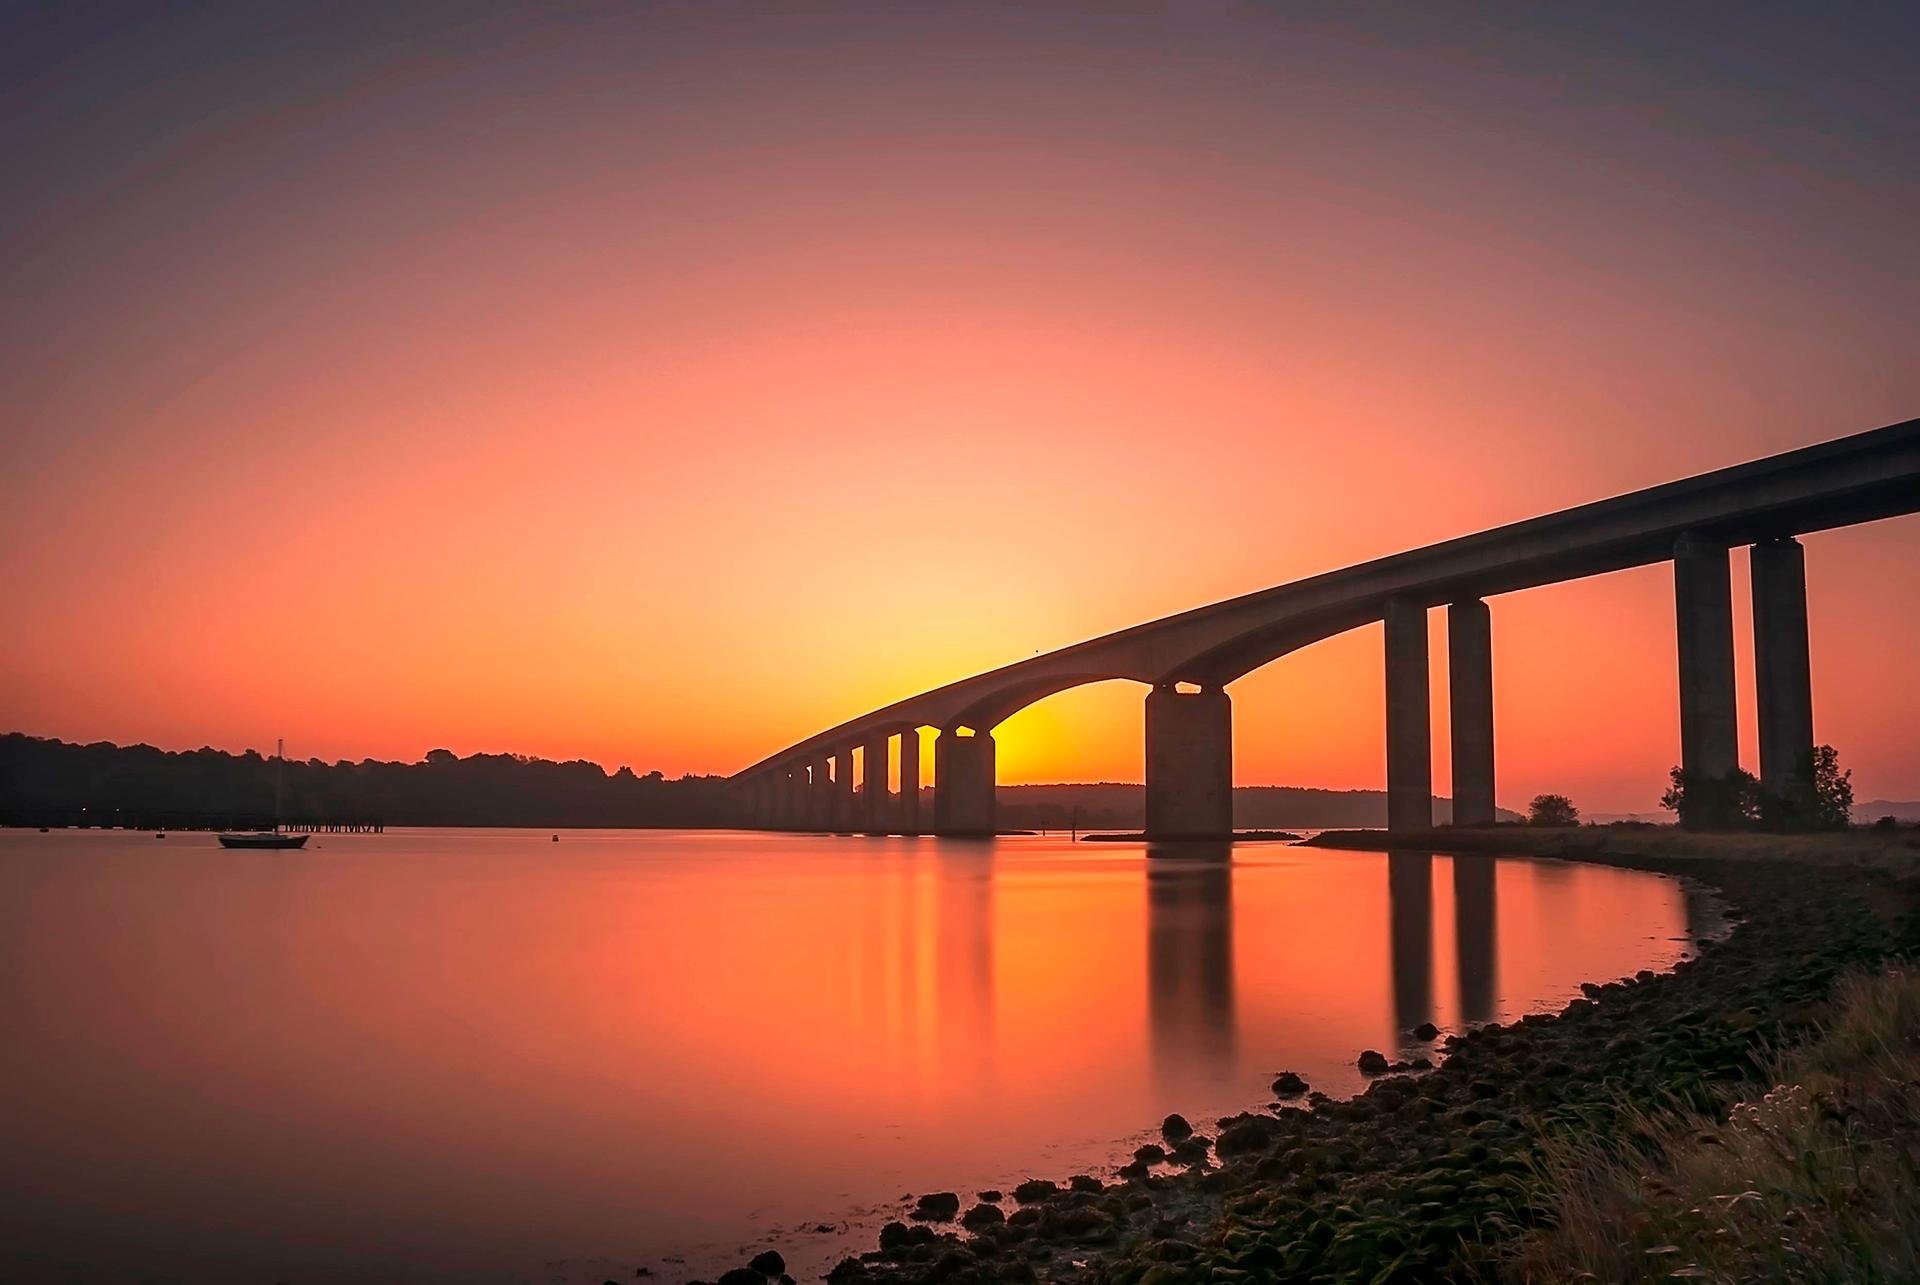 Ipswich es un distrito no metropolitano y capital del condado de Suffolk, en Inglaterra, situado en el estuario del río Orwell. Es la combinación fascinante de un puerto antiguo, un centro comercial concurrido y una ciudad histórica muy atractiva. Los 150.000 habitantes hacen que sea una ciudad ideal para estudiantes extranjeros: ni demasiado grande ni demasiado pequeña